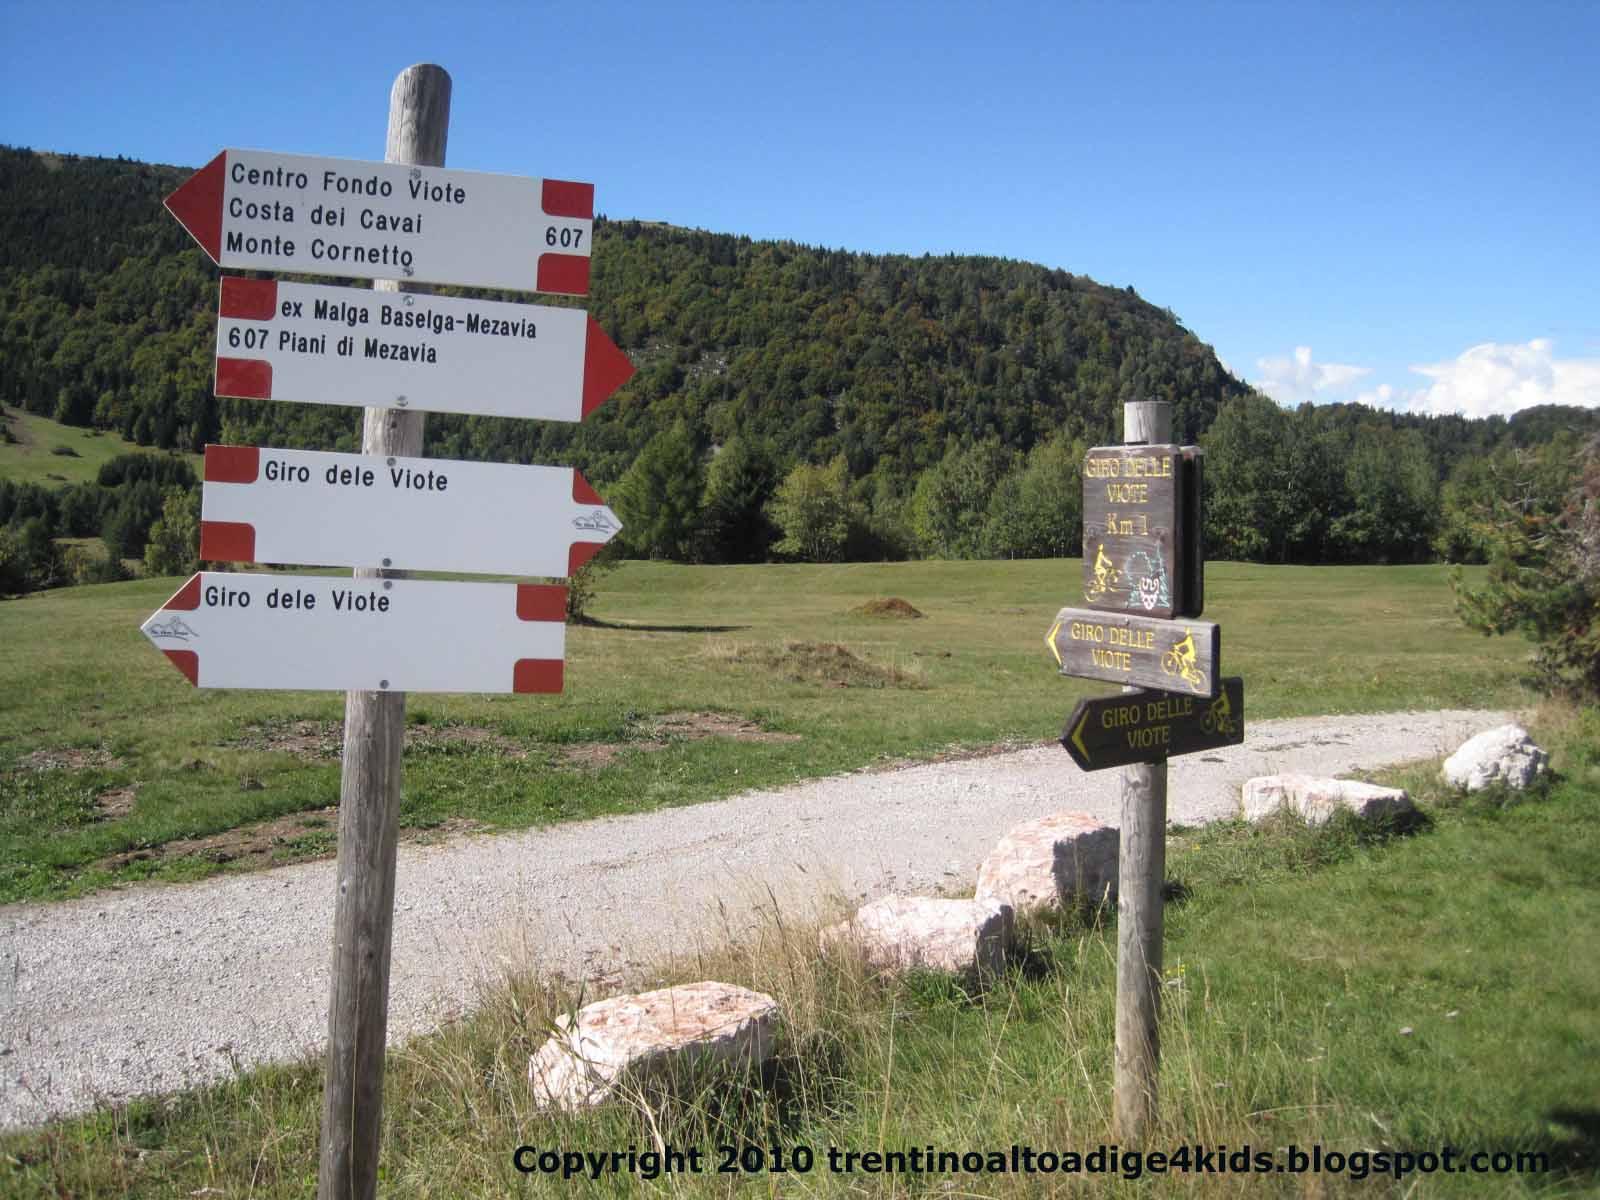 Trentino alto adige per bimbi monte bondone e viote vicino a trento - B b il giardino trento ...